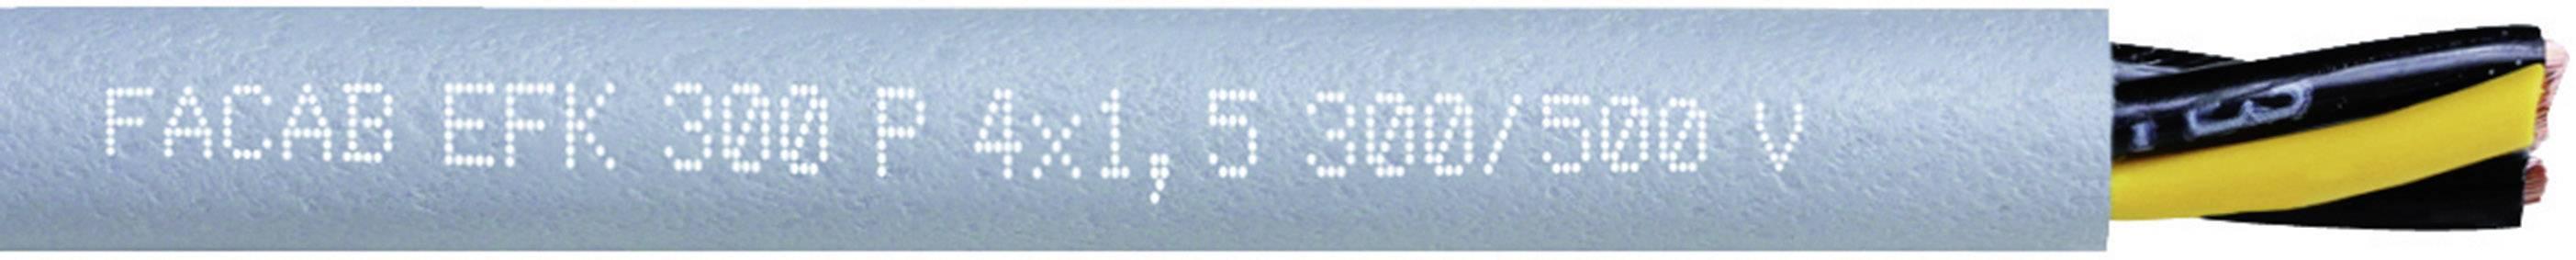 Tažný kabel Faber Kabel EFK 300 P AD300 - SCHLEPPLTG. TPE/PUR (031023), 7x 1,5 mm², polyurethan, Ø 10,5 mm, ne